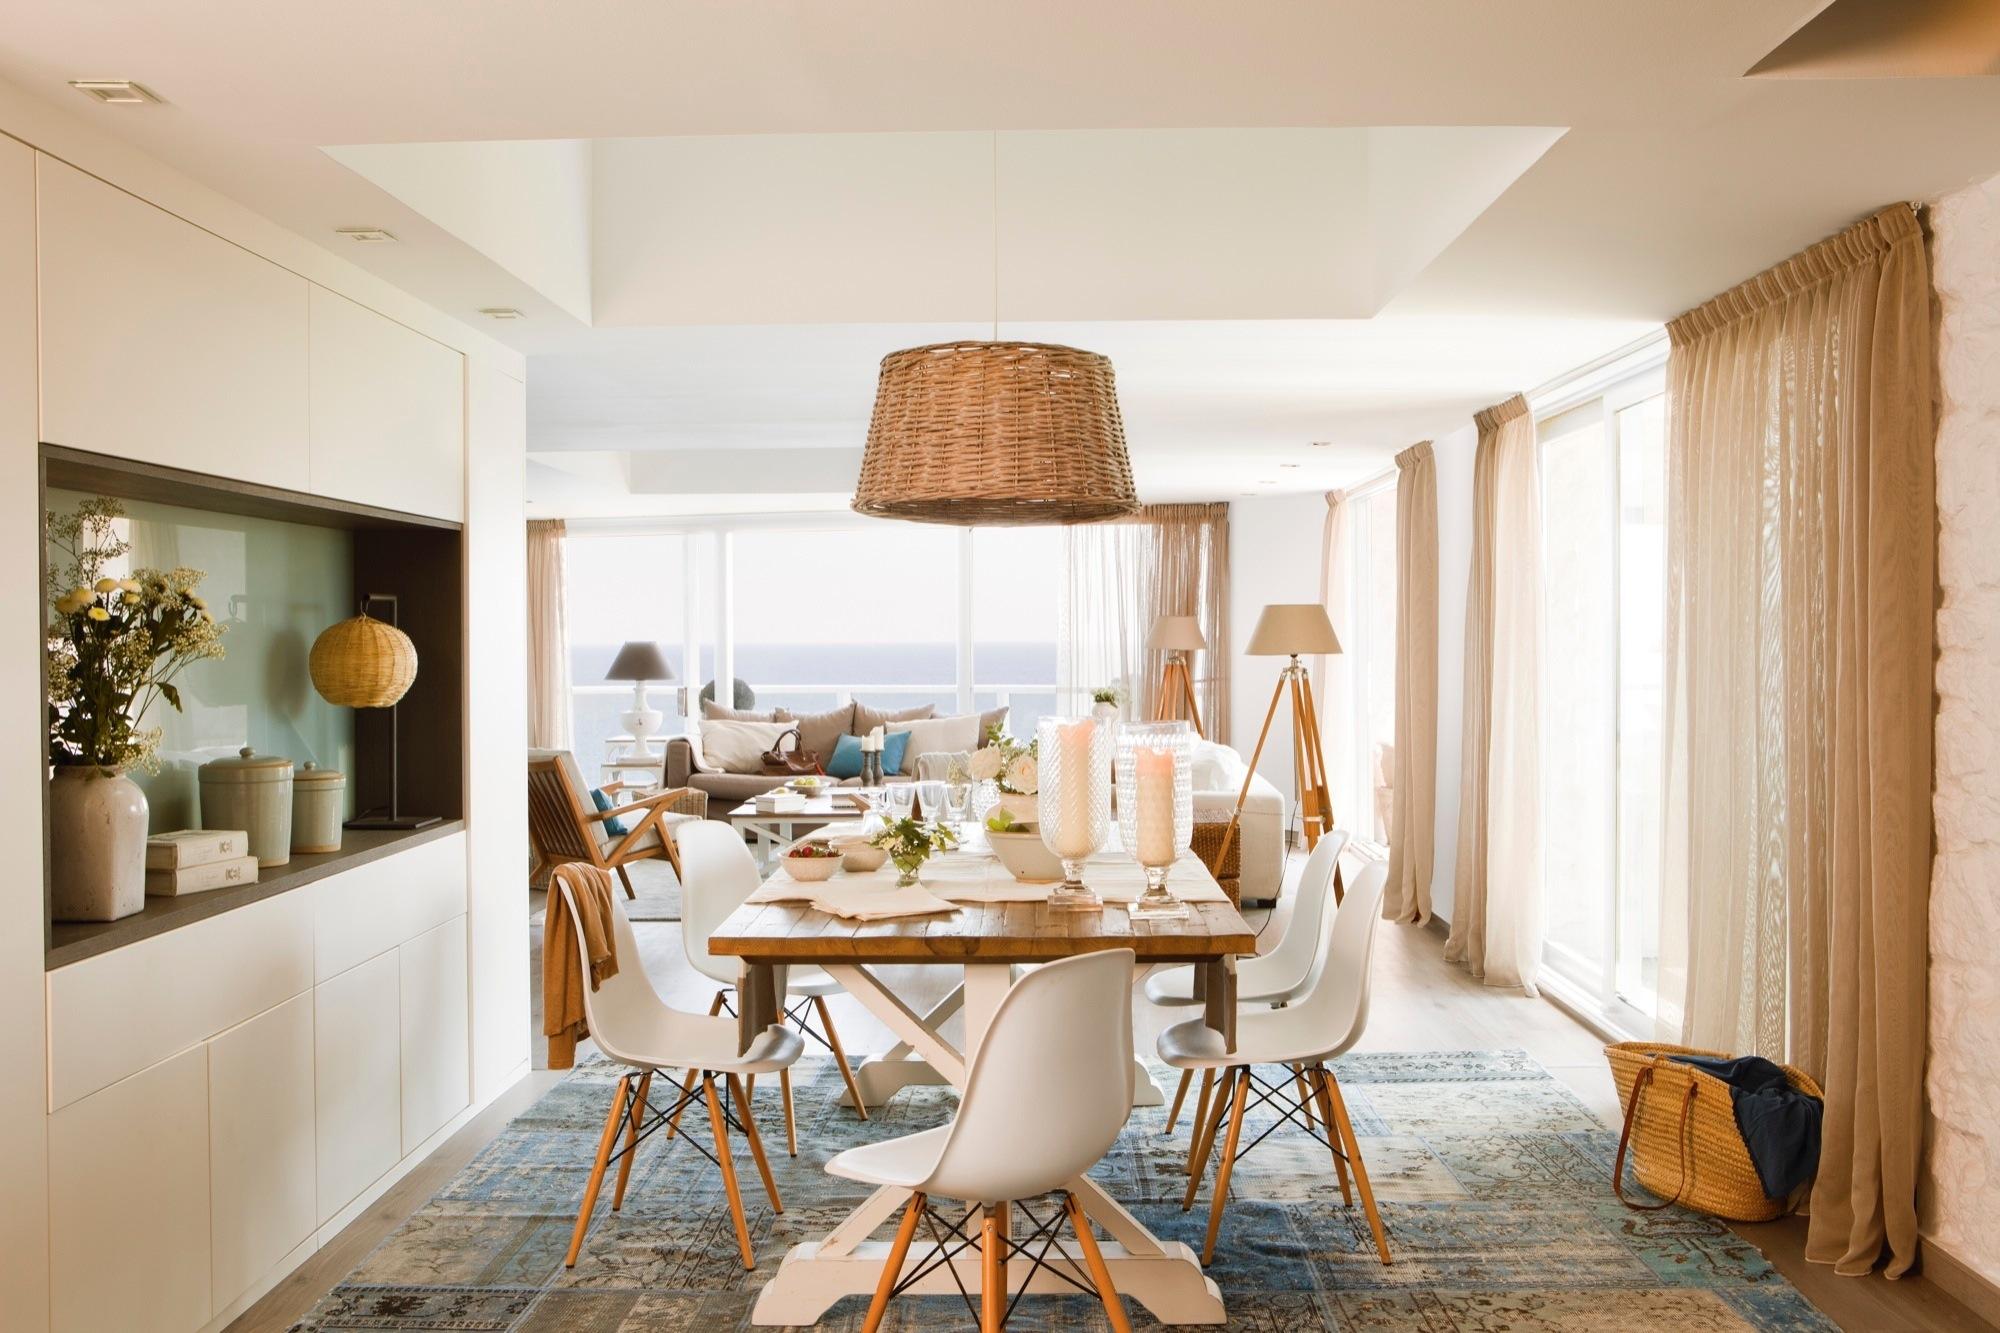 Dos pisos contiguos crearon un d plex de vacaciones en la for Maison du monde lamparas de mesa